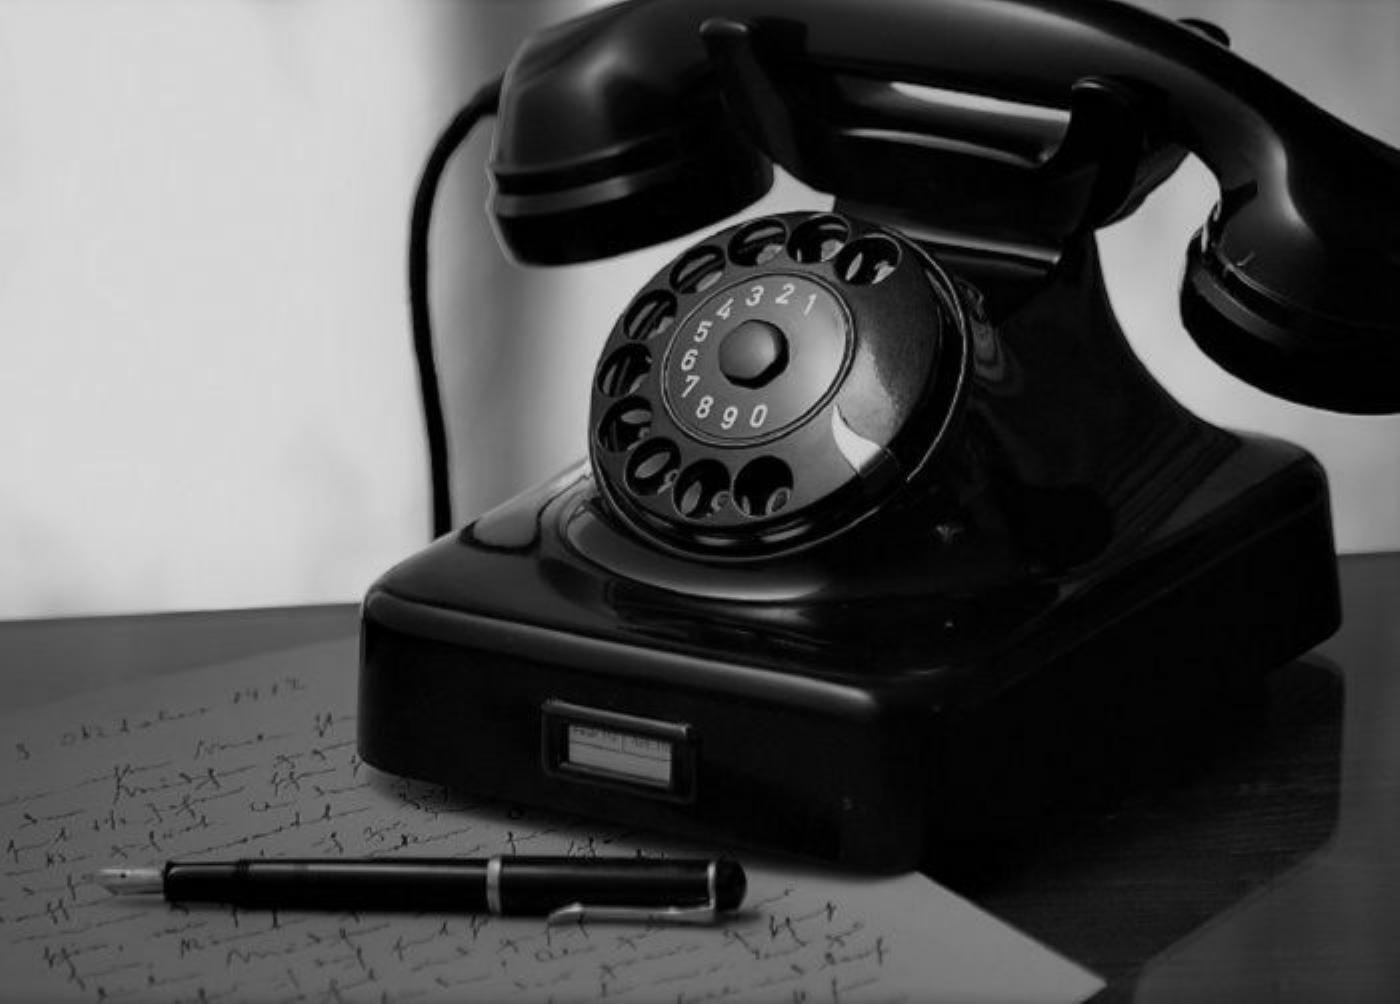 bvvp Seit 2. November ist auch wieder möglich, PatientInnen, über Telefon zu behandeln.